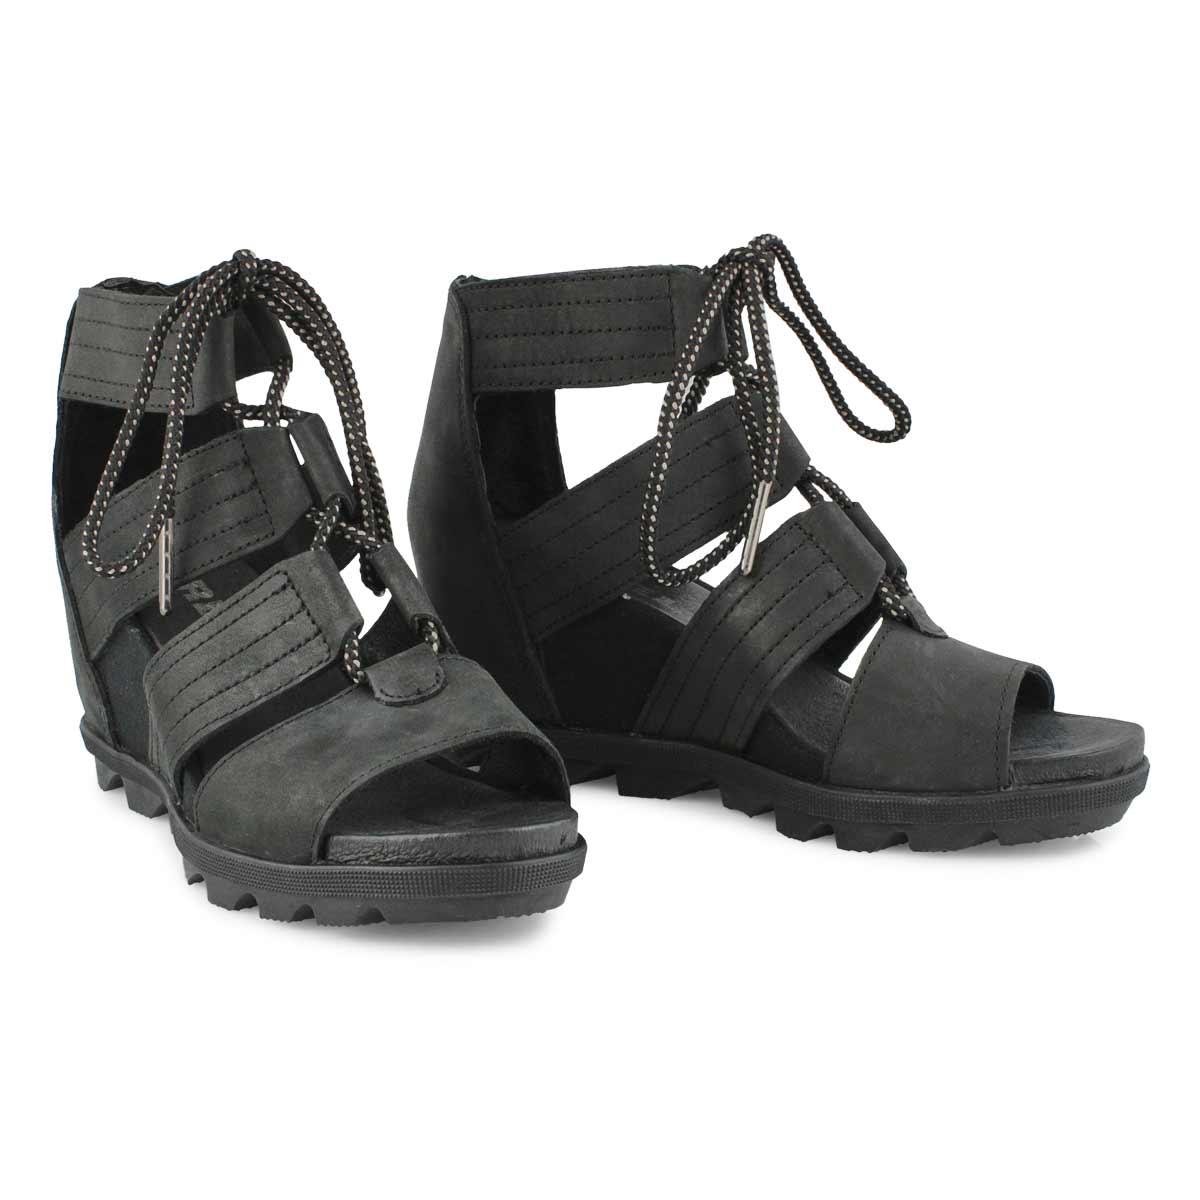 Lds Joanie II Lace blk wedge sandal